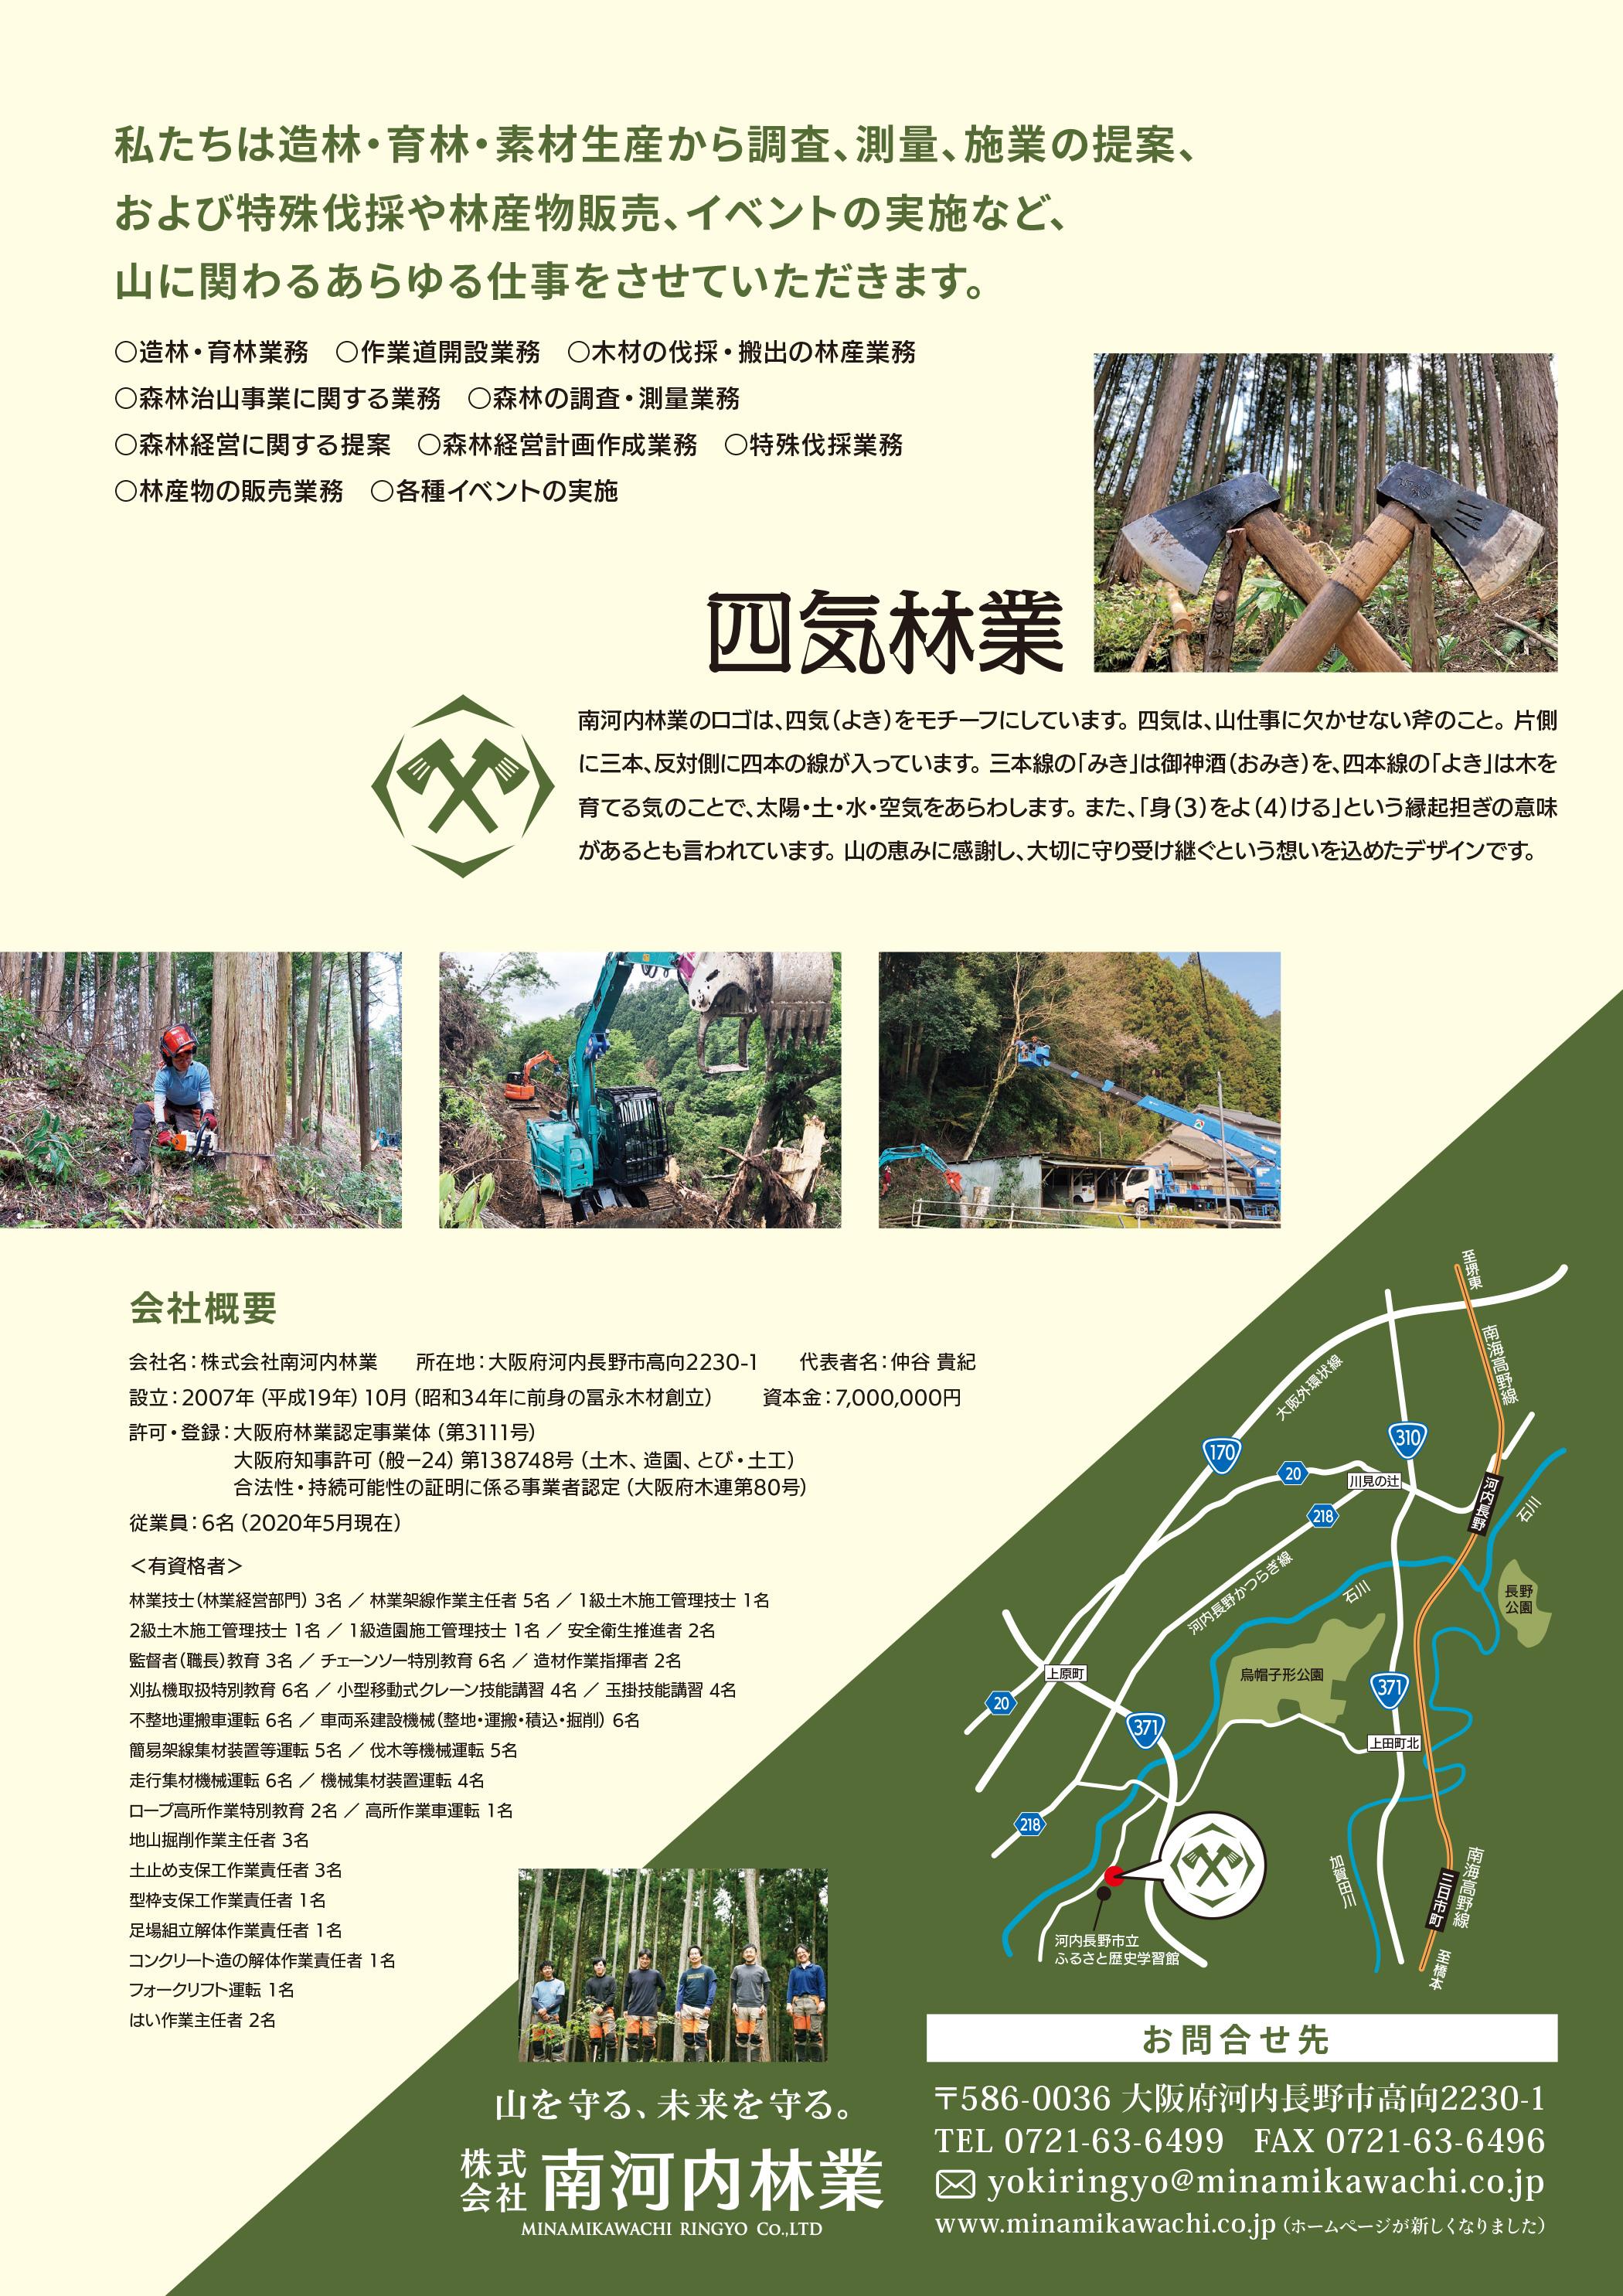 ブランディングツール|2020.6 南河内林業様(大阪府河内長野市)